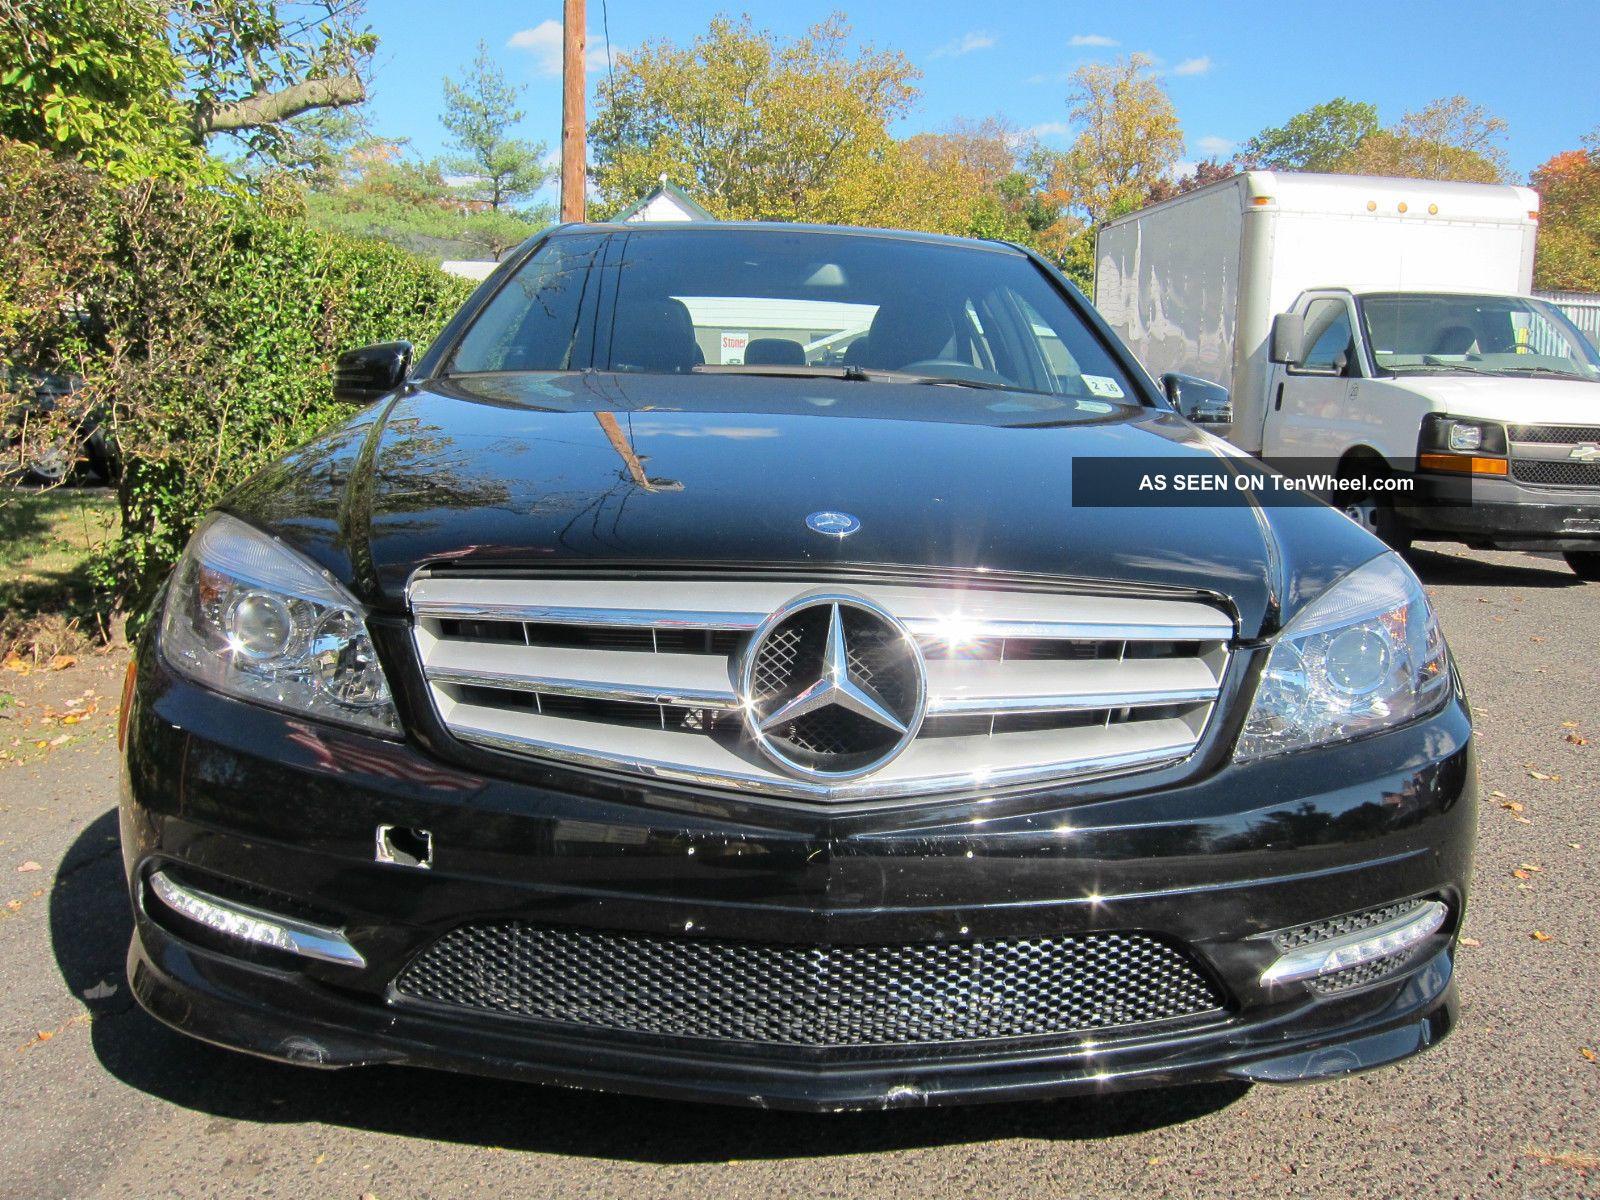 Mercedes benz c300 4matic 2011 black for Mercedes benz c300 2011